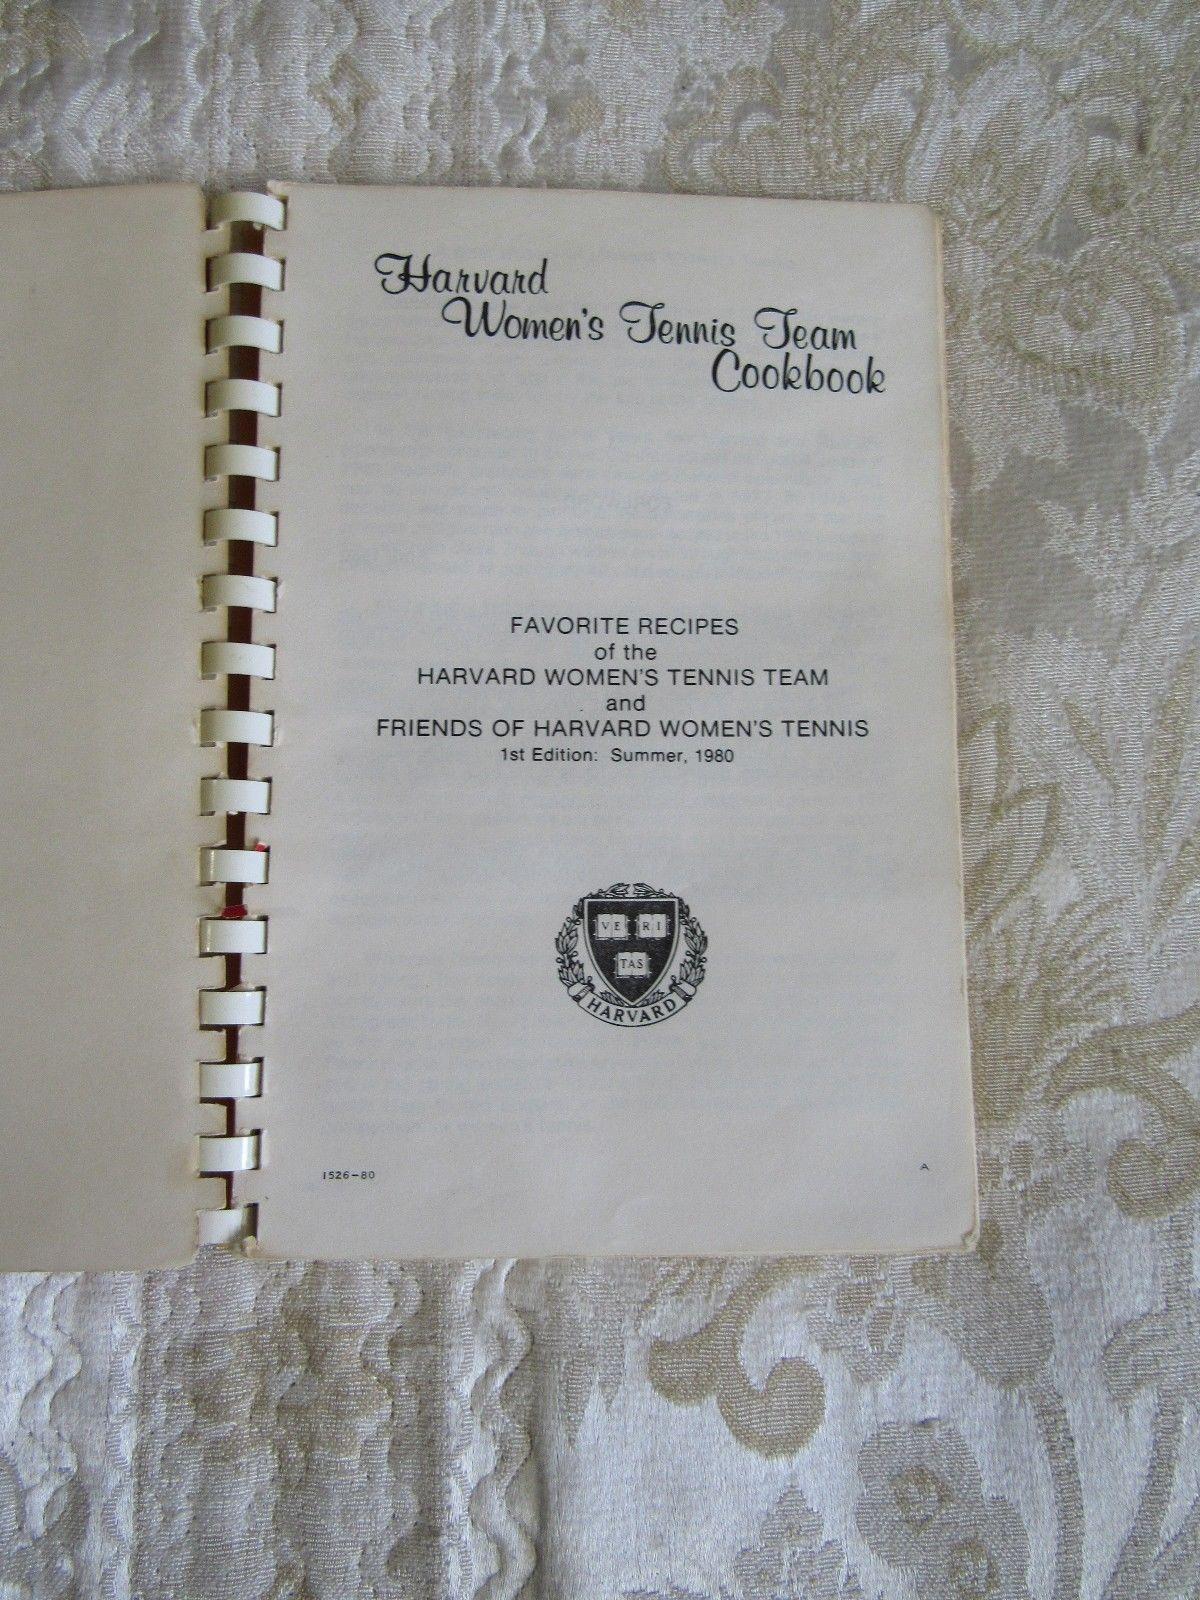 Harvard Women's Tennis Team Spiral Bound Cookbook First Edition 1980